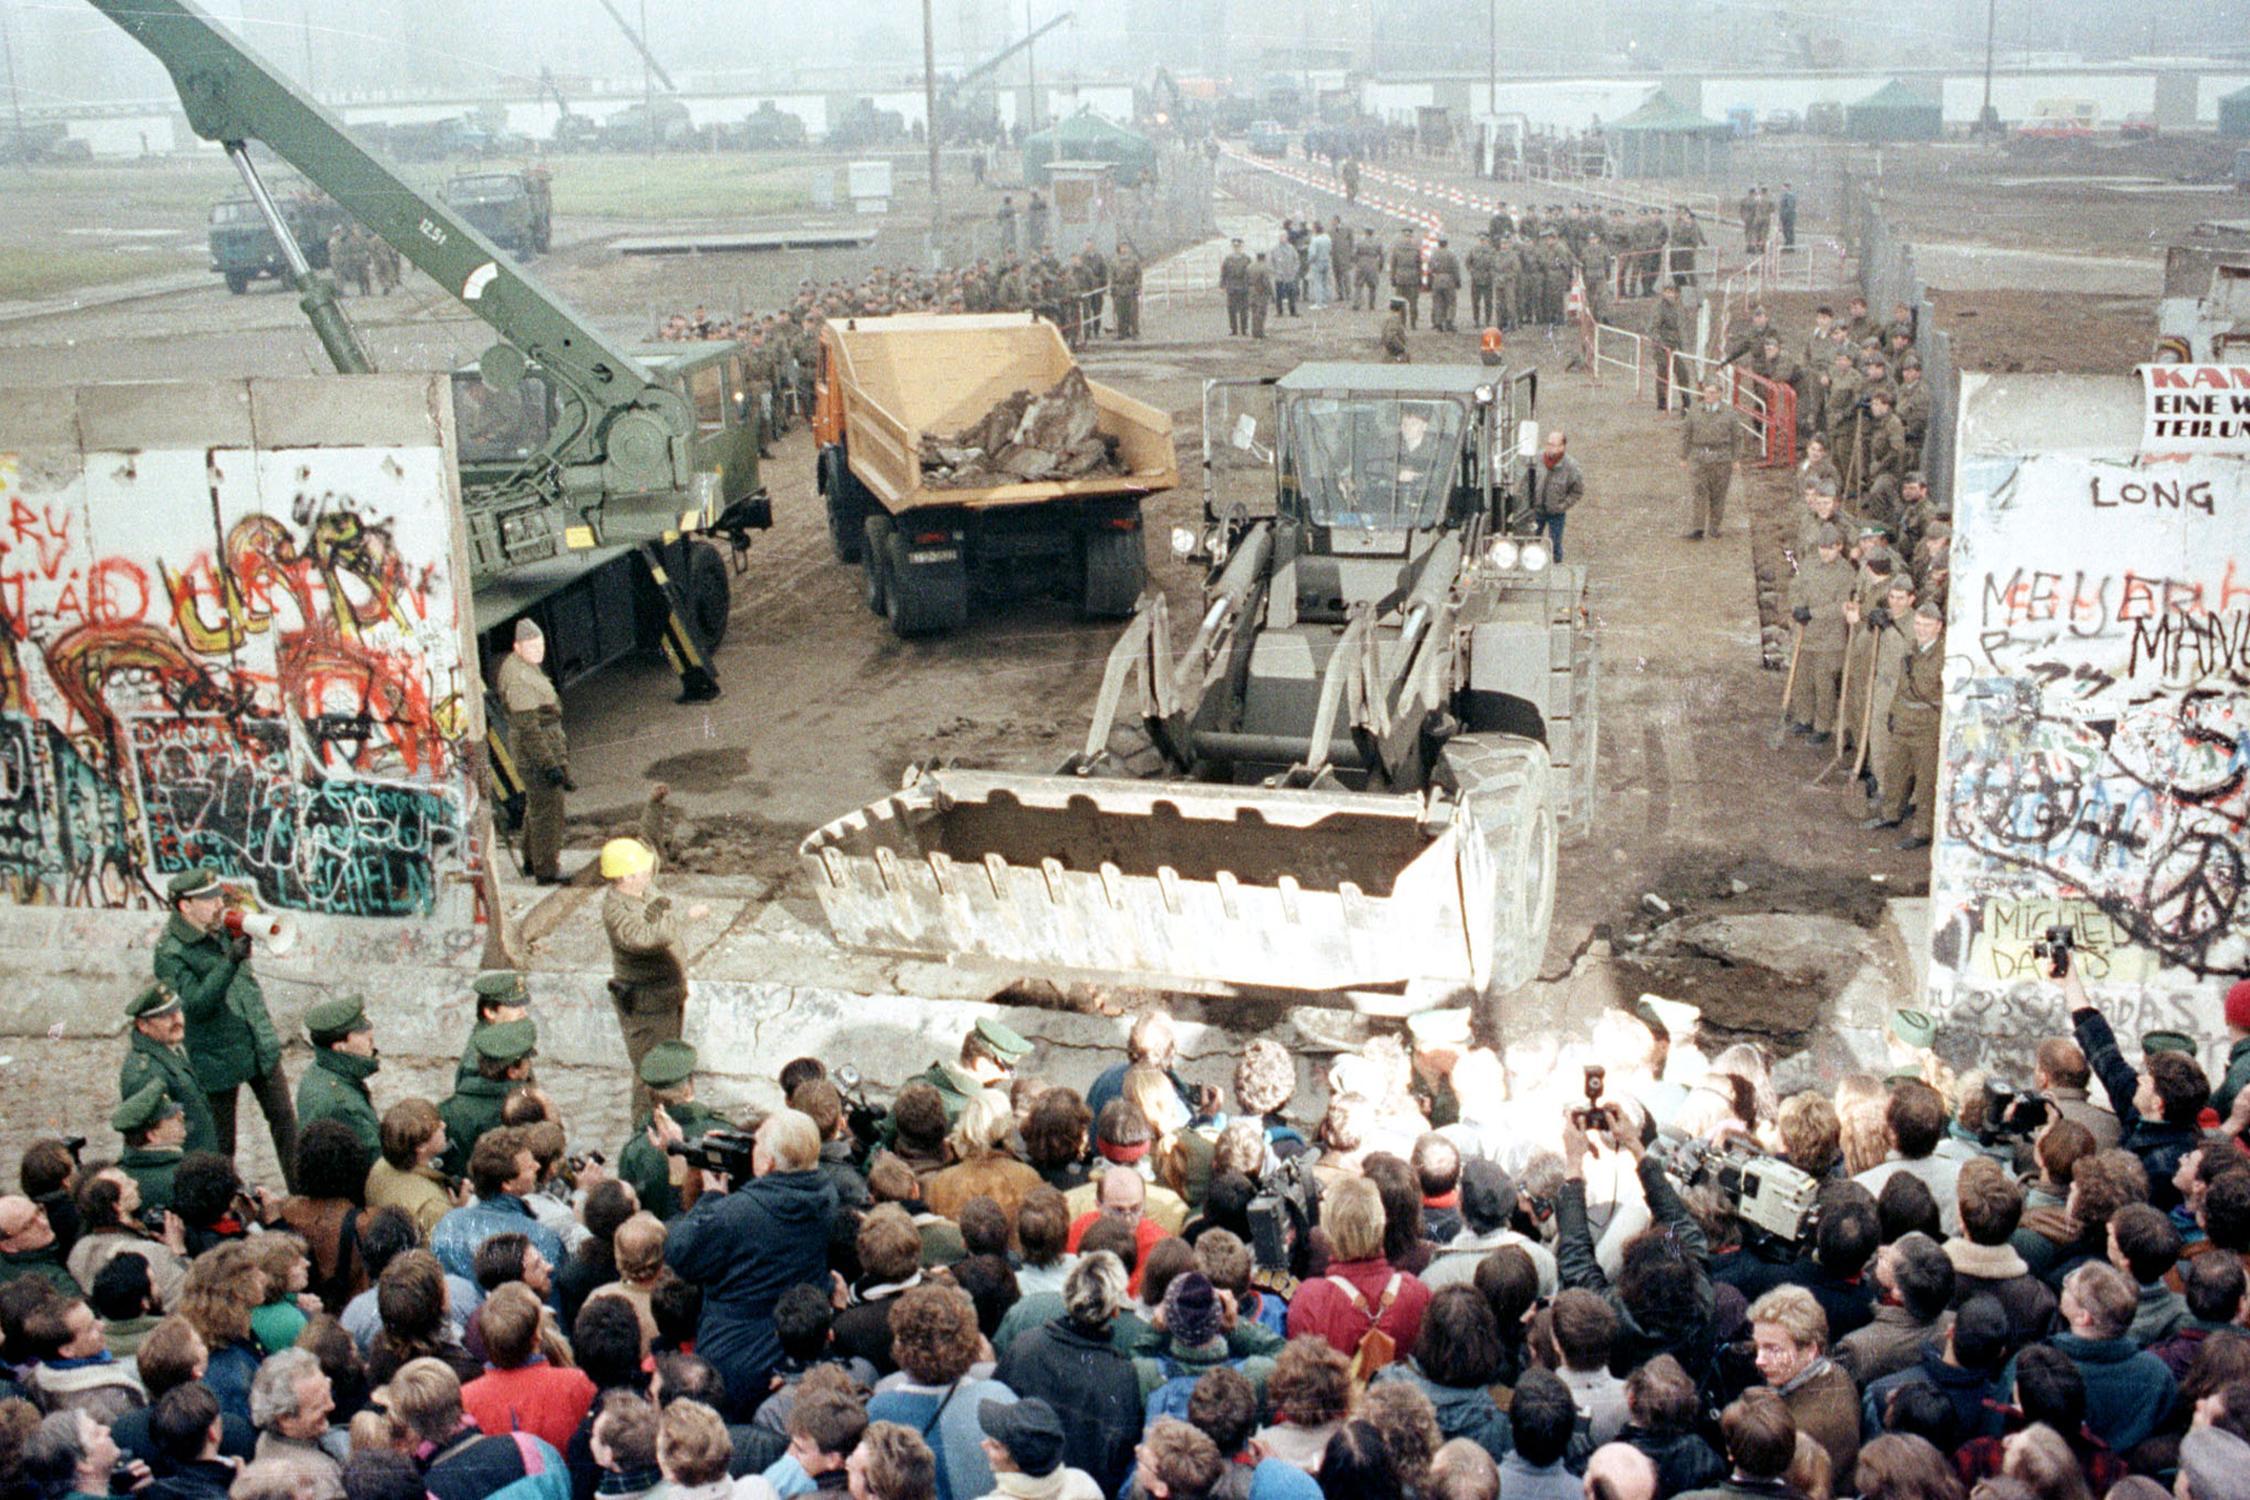 Булдожери и кранови из Источне Немачке руше Берлински зид, 12. новембар 1989. (Фото: Reuters)